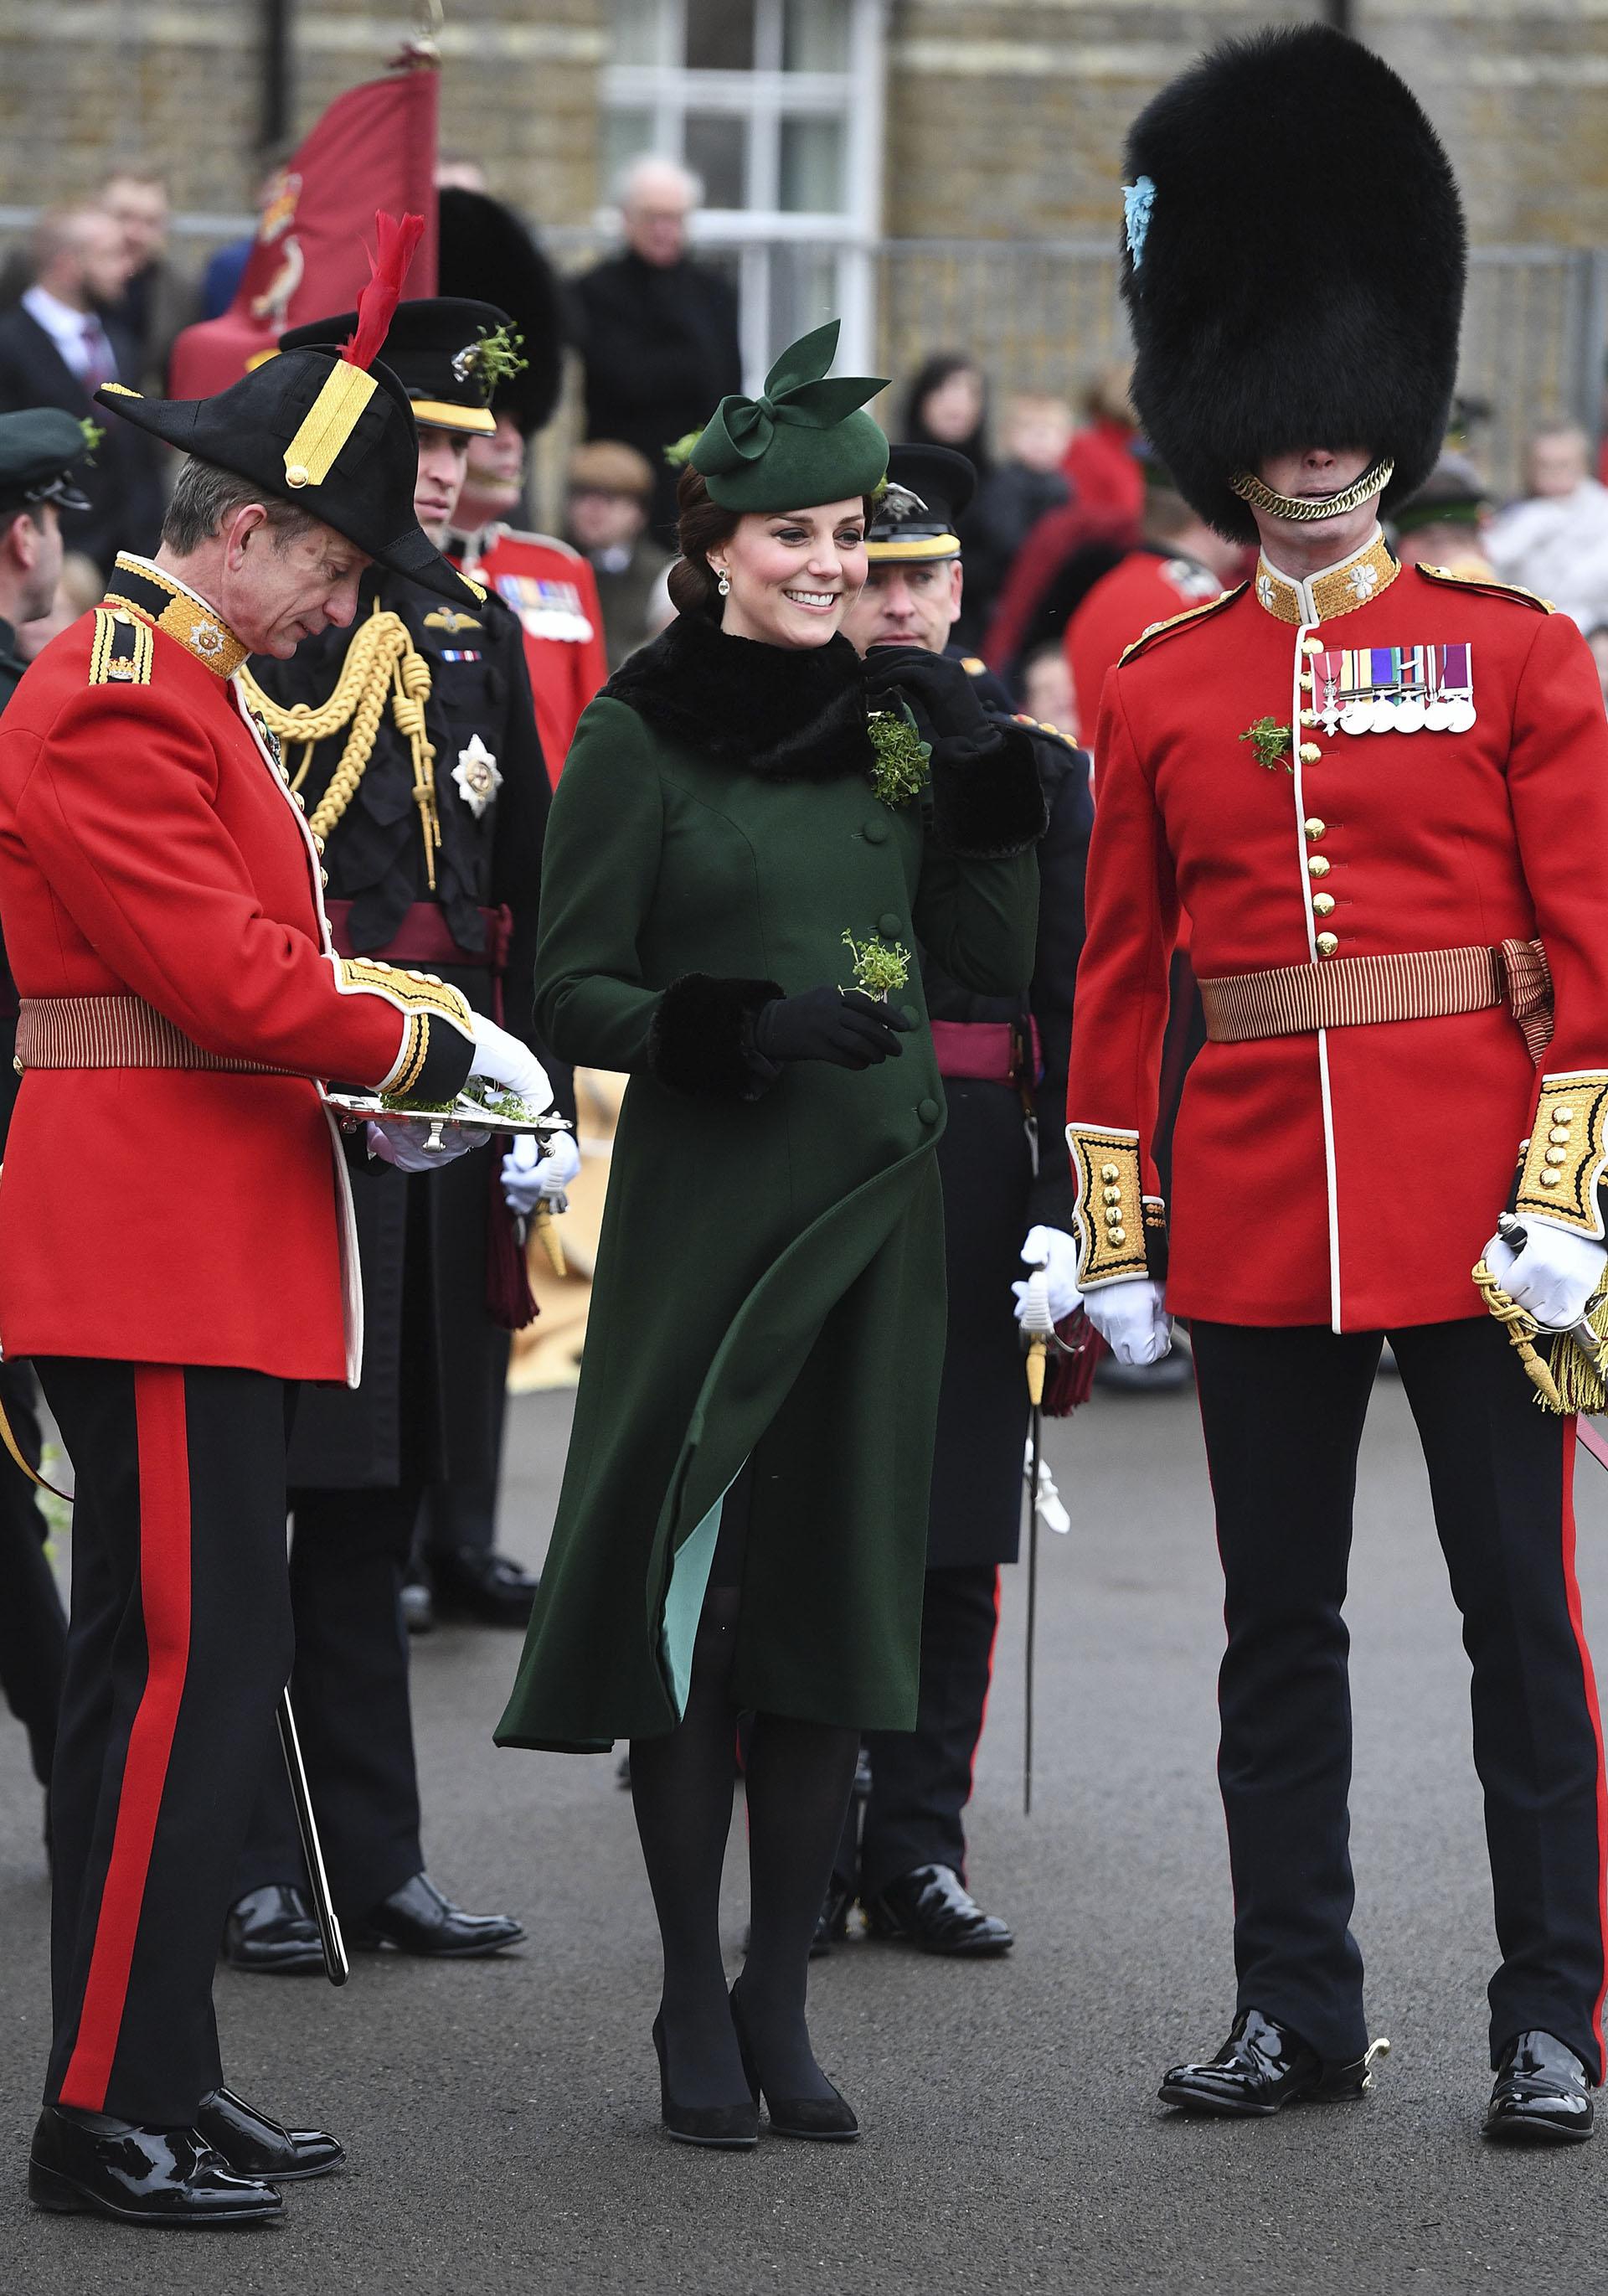 El elegante total look verde lo completó con detalles de piel en puño y cuello, para afrontar las bajas temperaturas